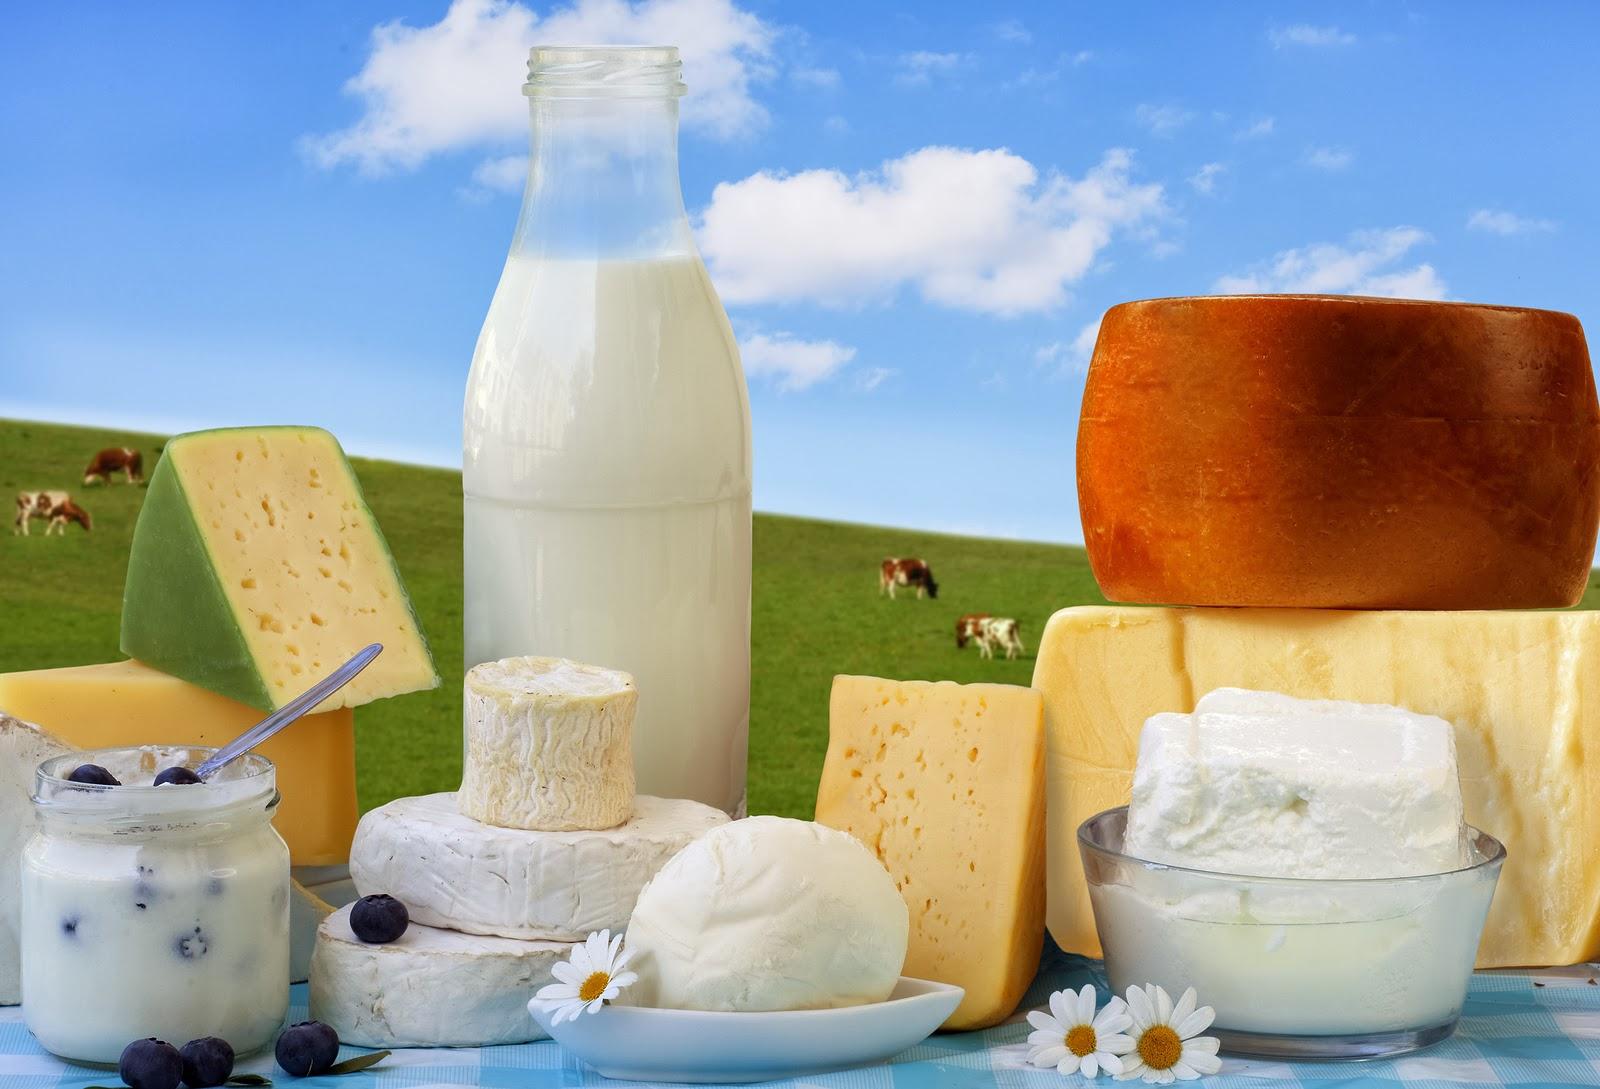 Modal Corpus: Dairy is my nemesis